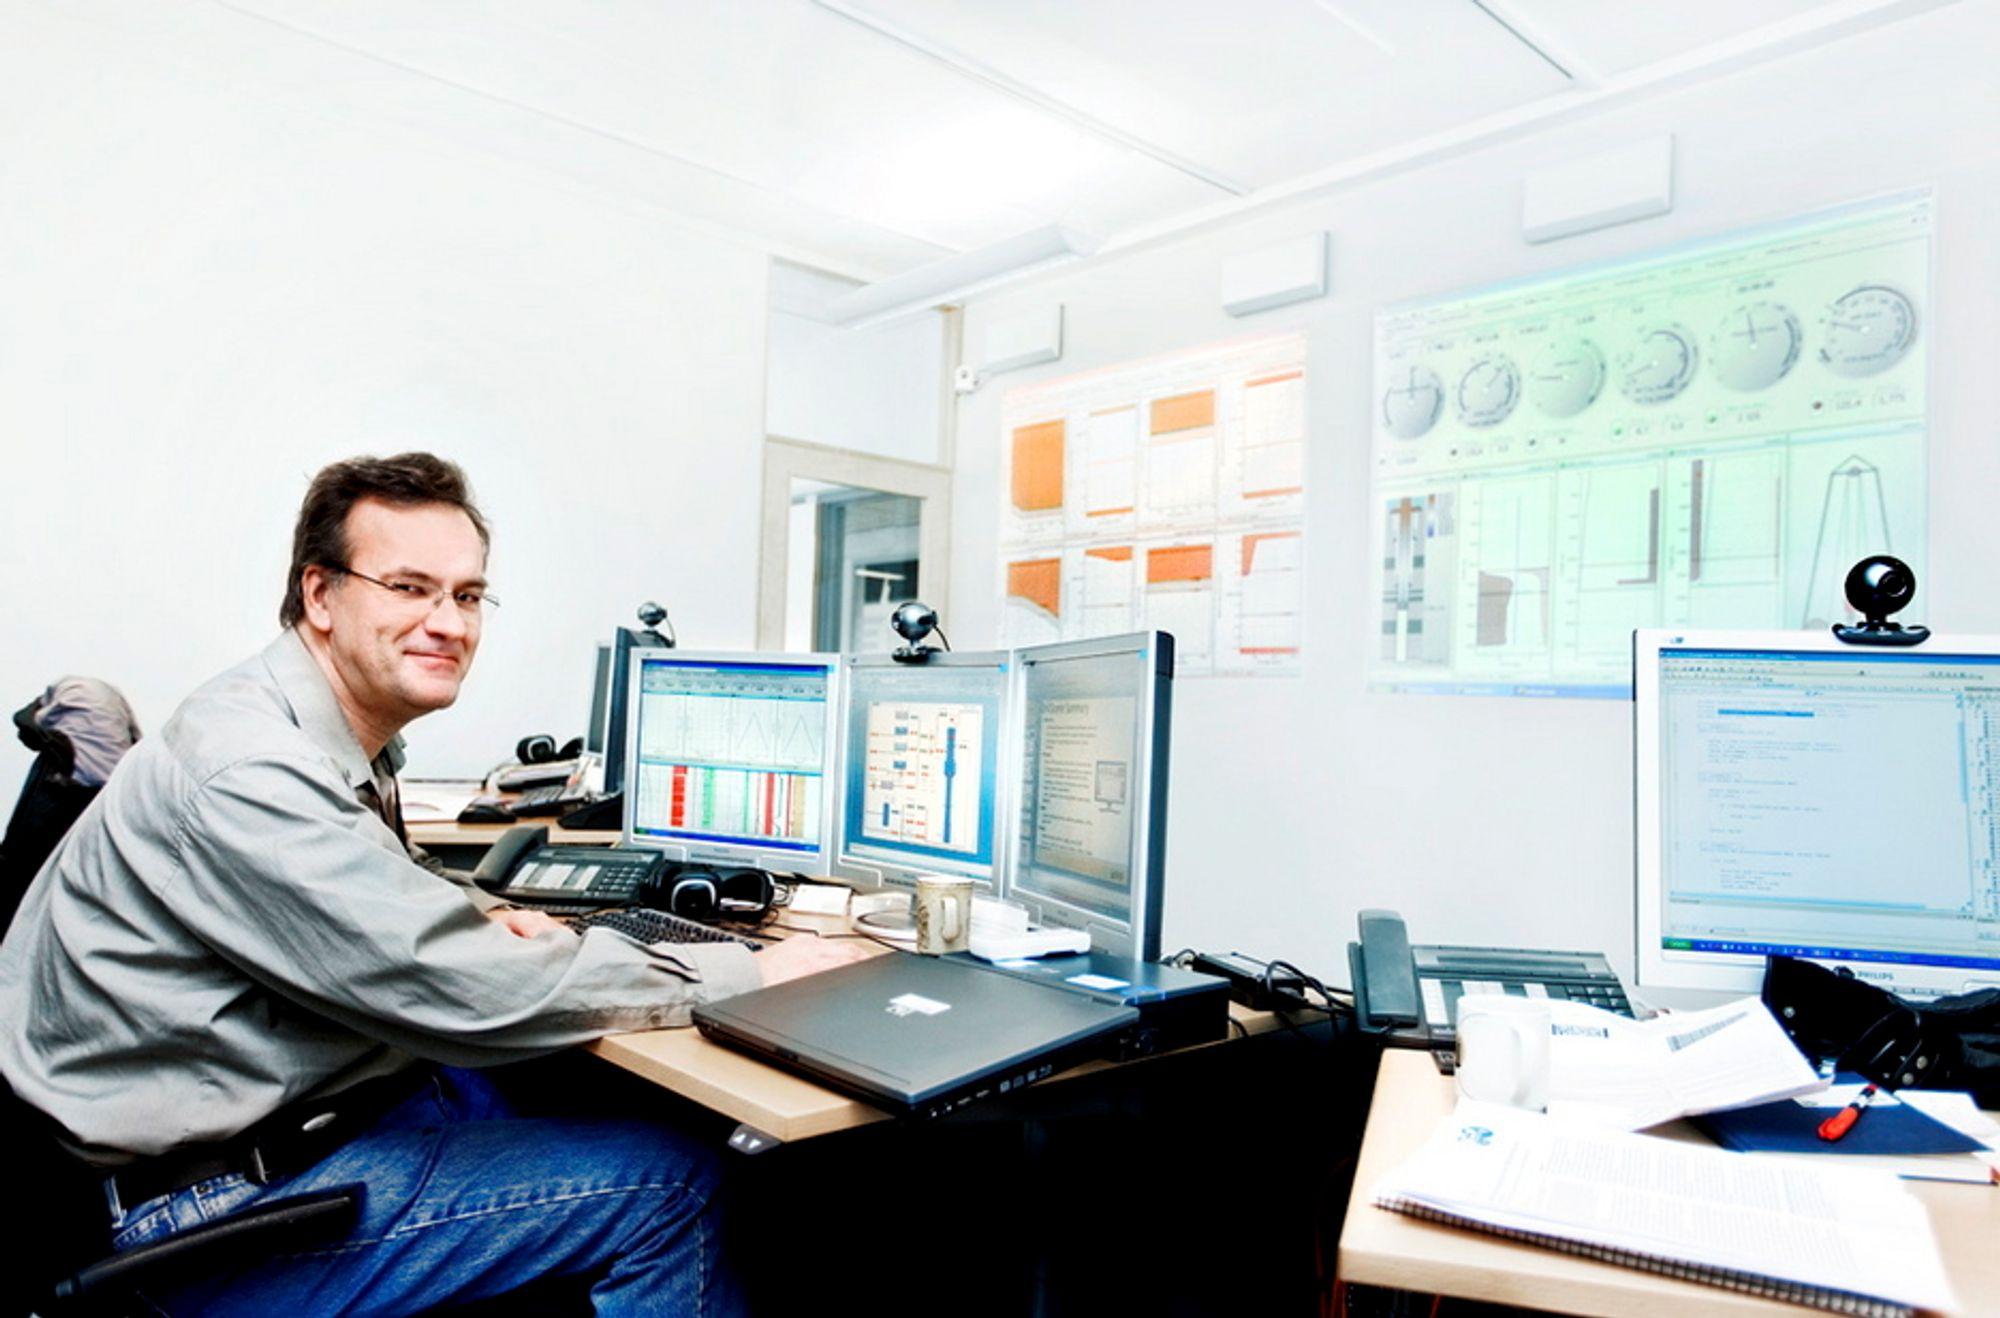 ENDRER METODENE: Erik Cayeux, forskningsleder og hjernen bak DrillScene, viser verktøyet som kan endre boremetodene i industrien.